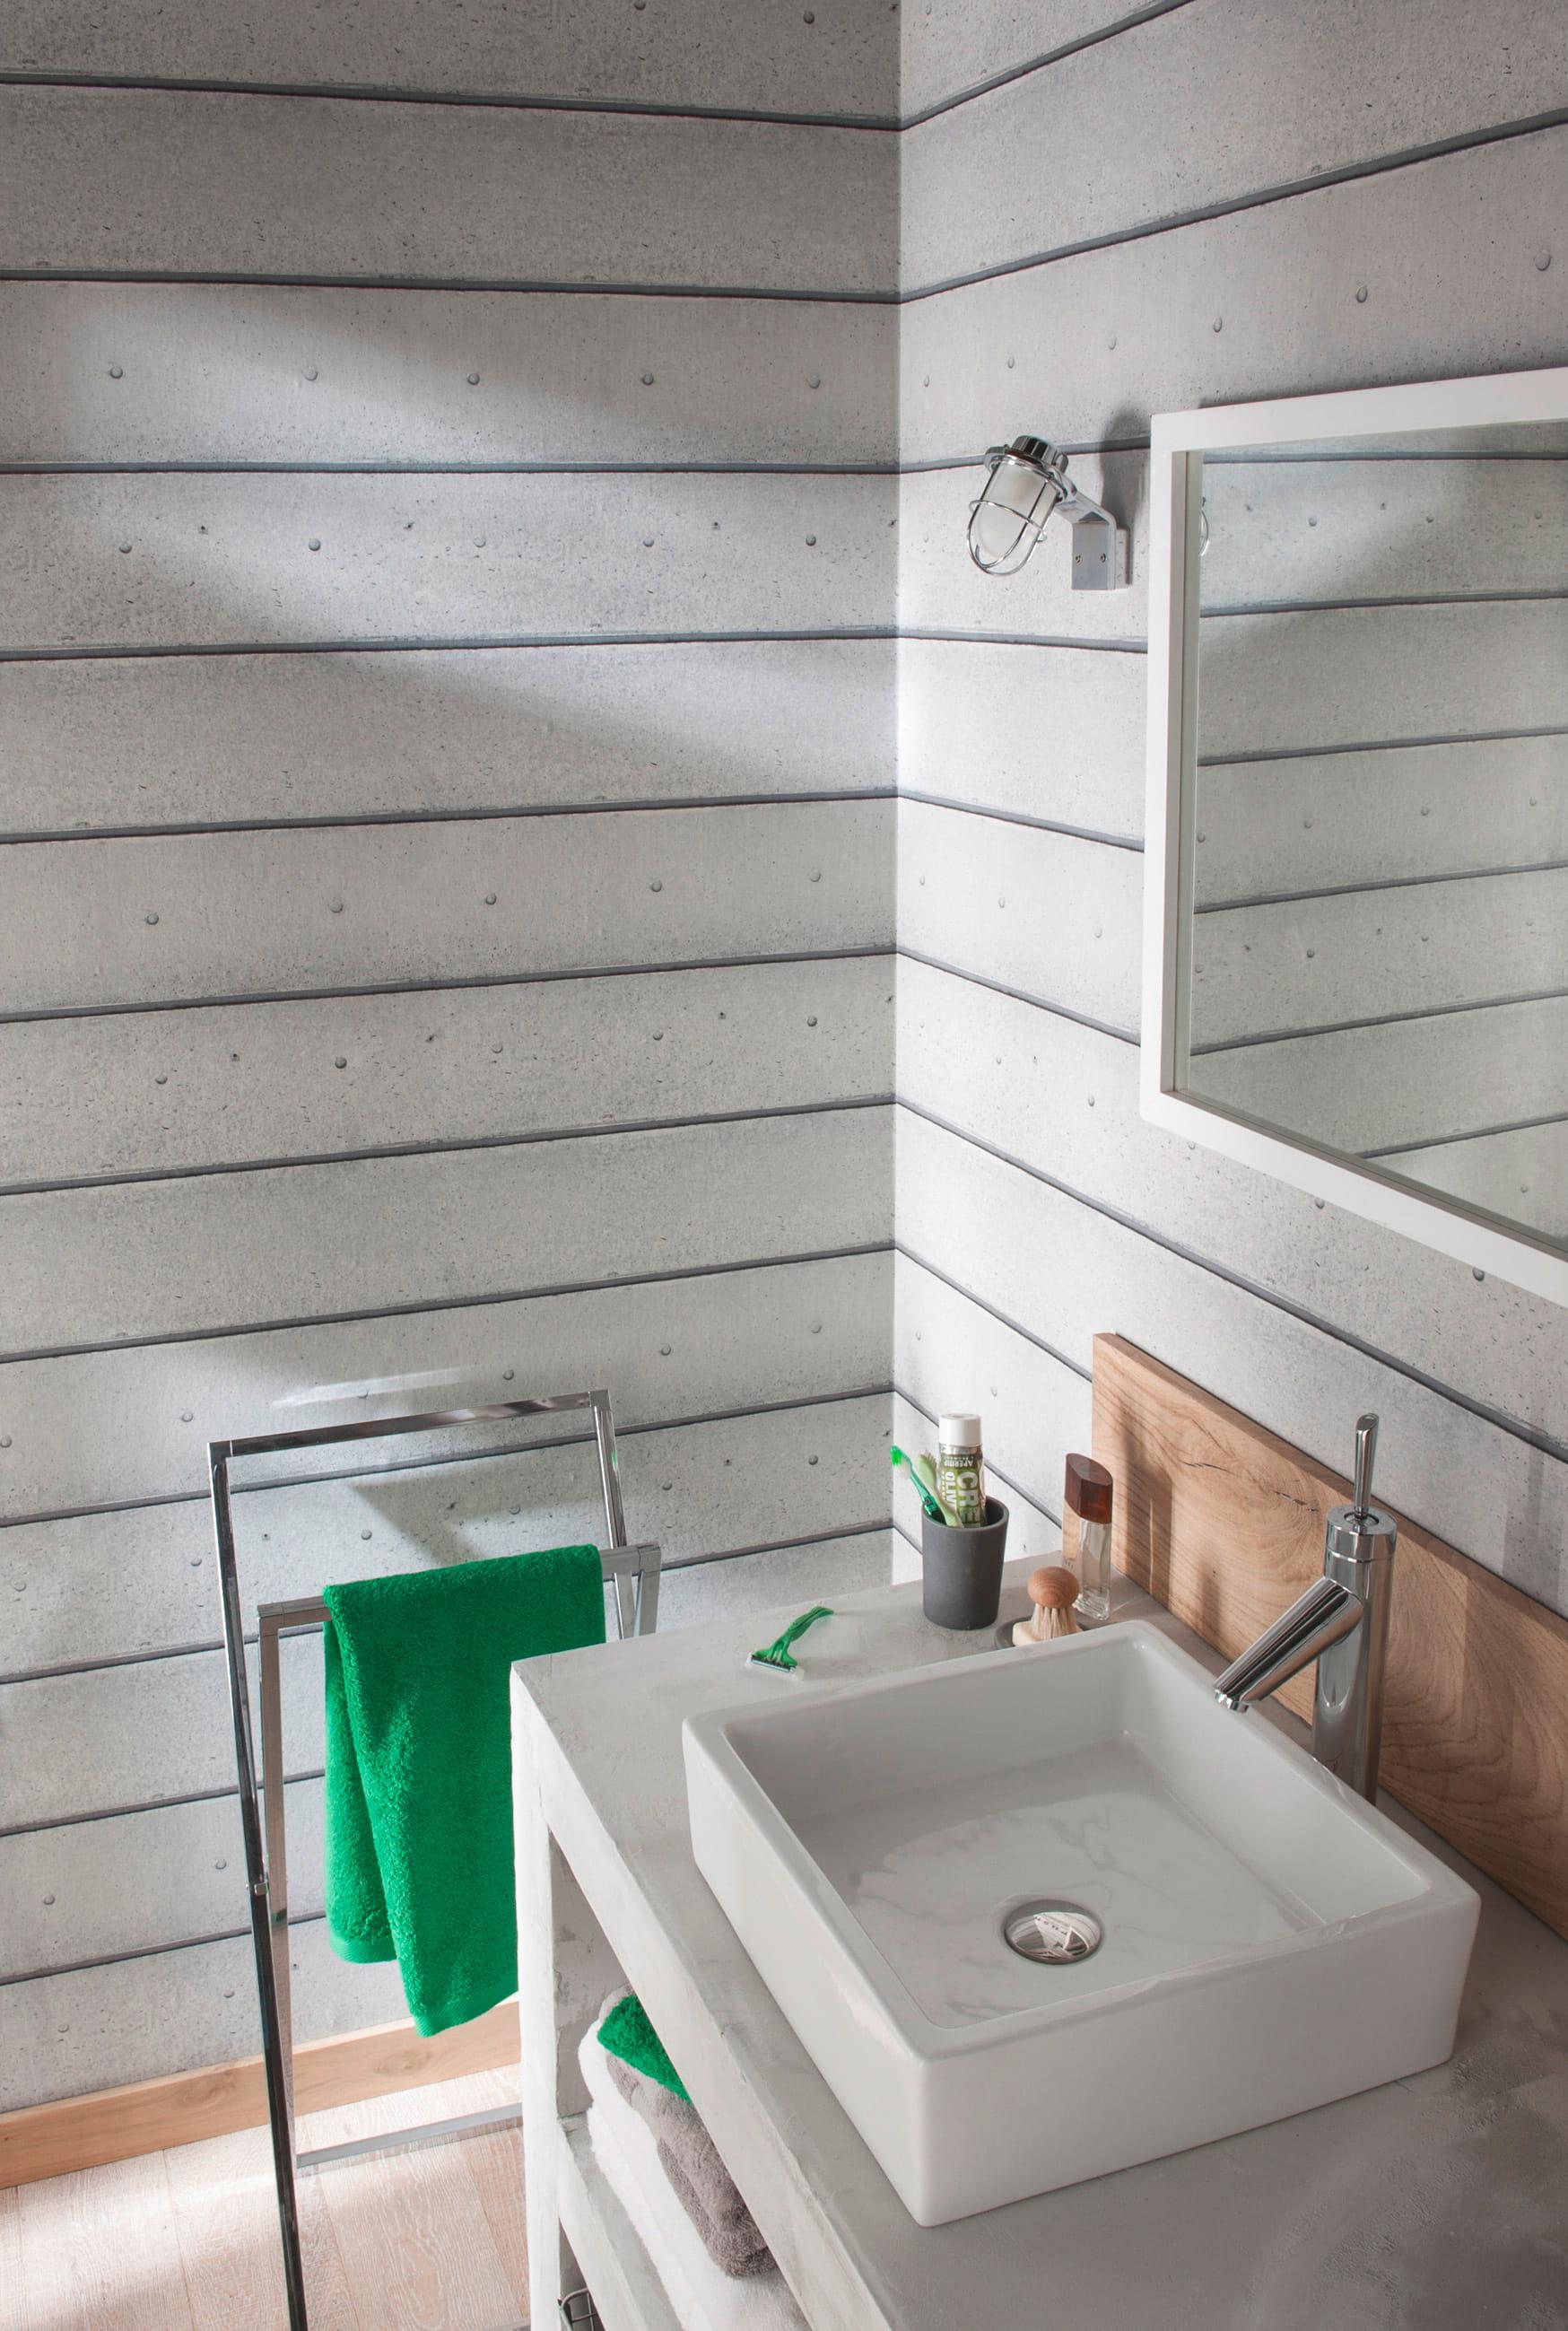 papier peint b ton line de castorama. Black Bedroom Furniture Sets. Home Design Ideas